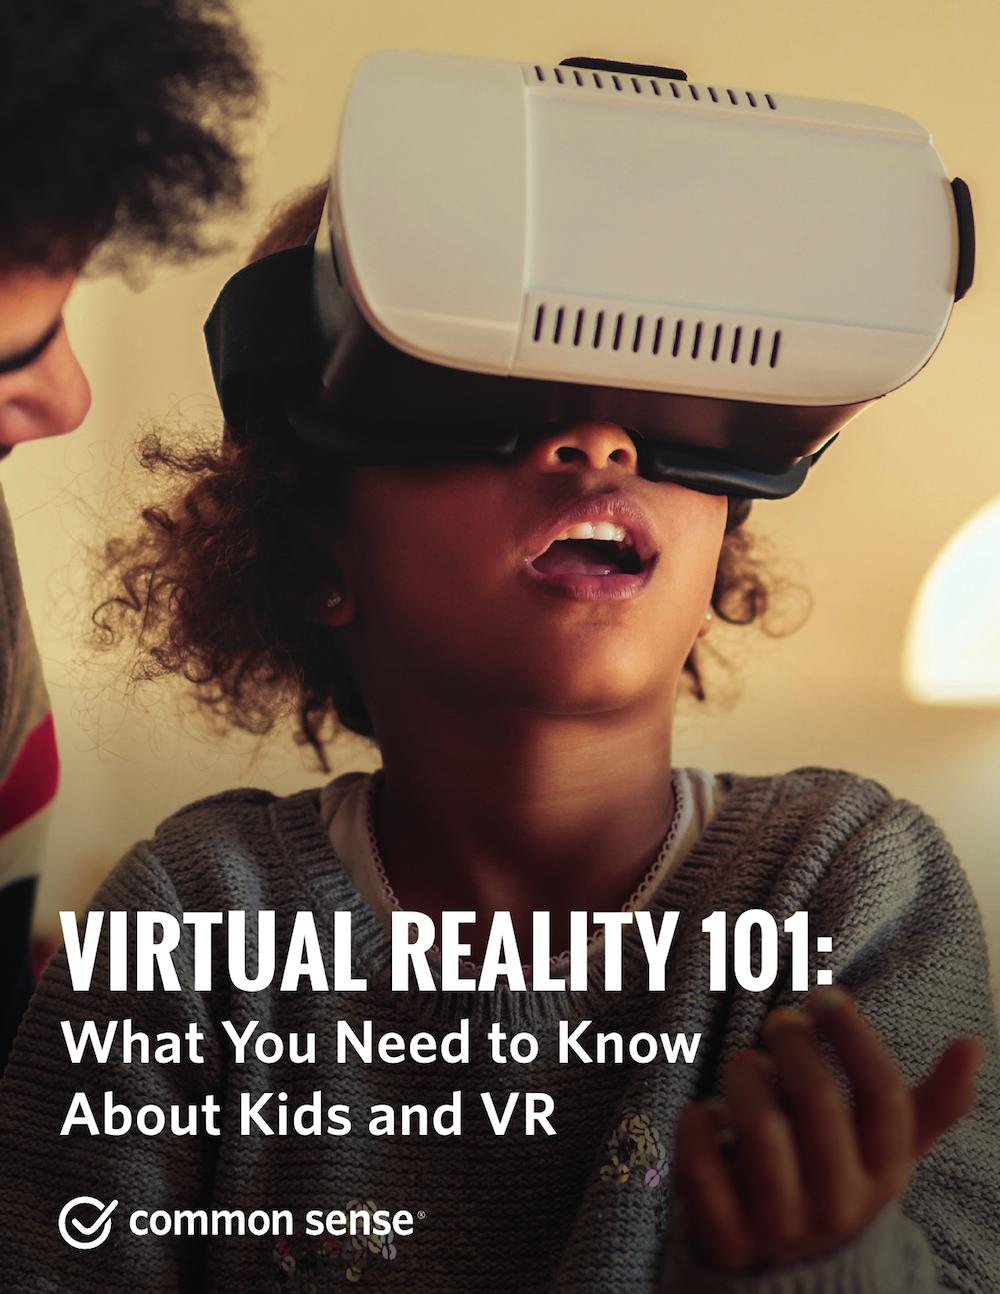 虚拟现实101研究报告:儿童体验VR设备行为分析